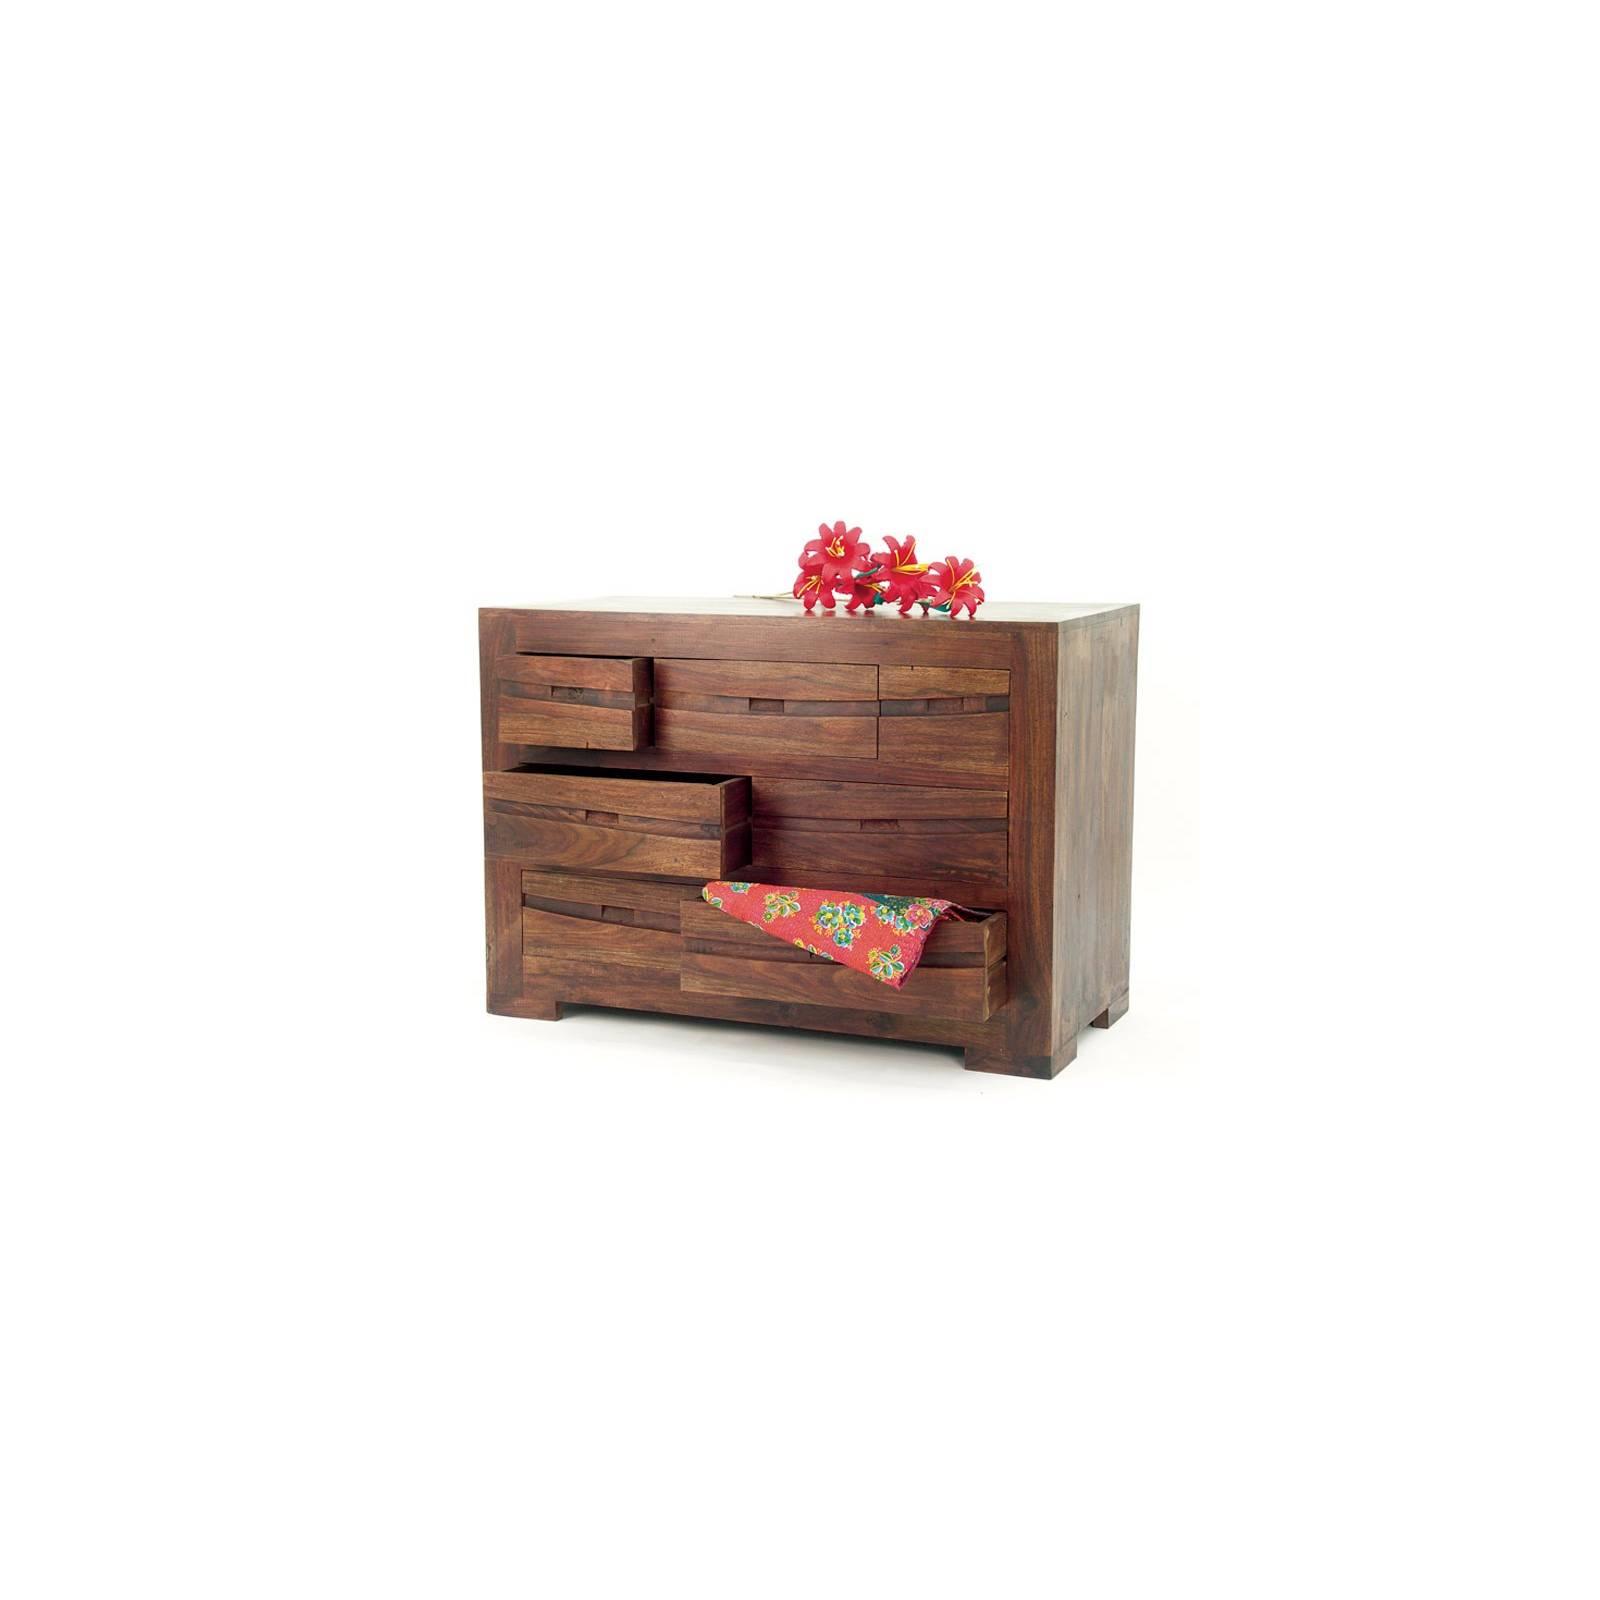 Commode Soleil Levant Palissandre - achat meubles bois exotique